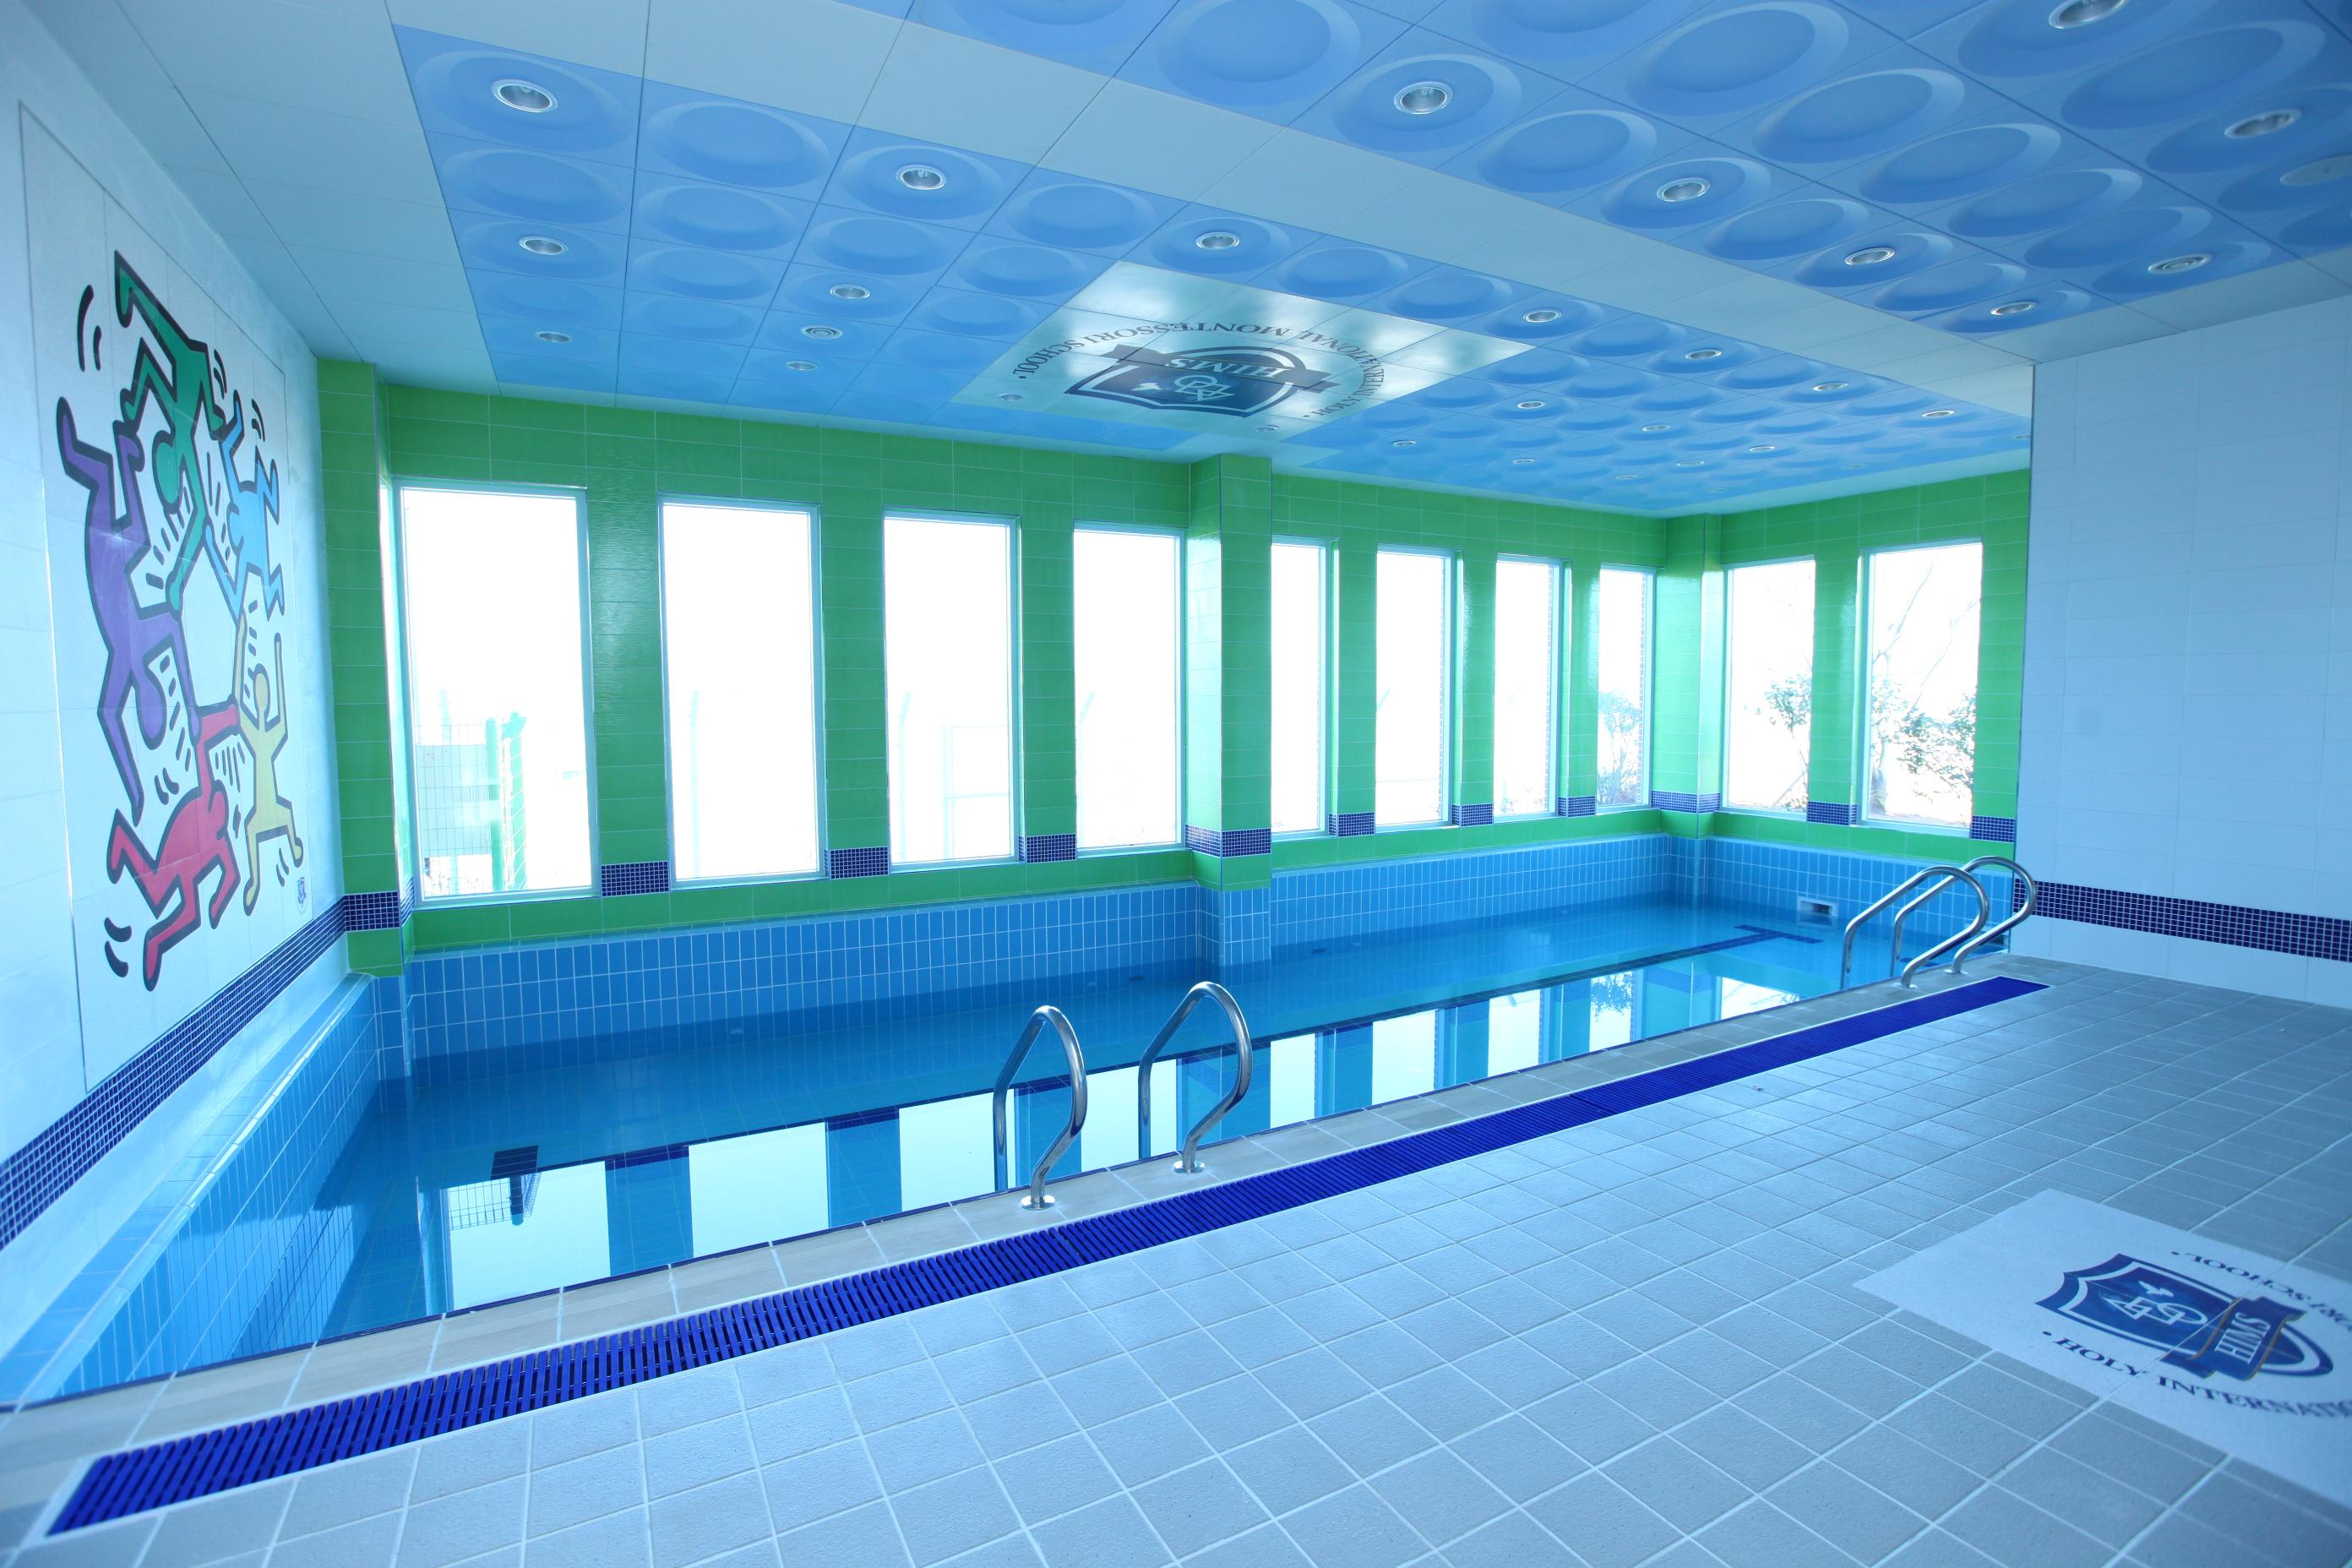 힘스국제학교 1층 수영장